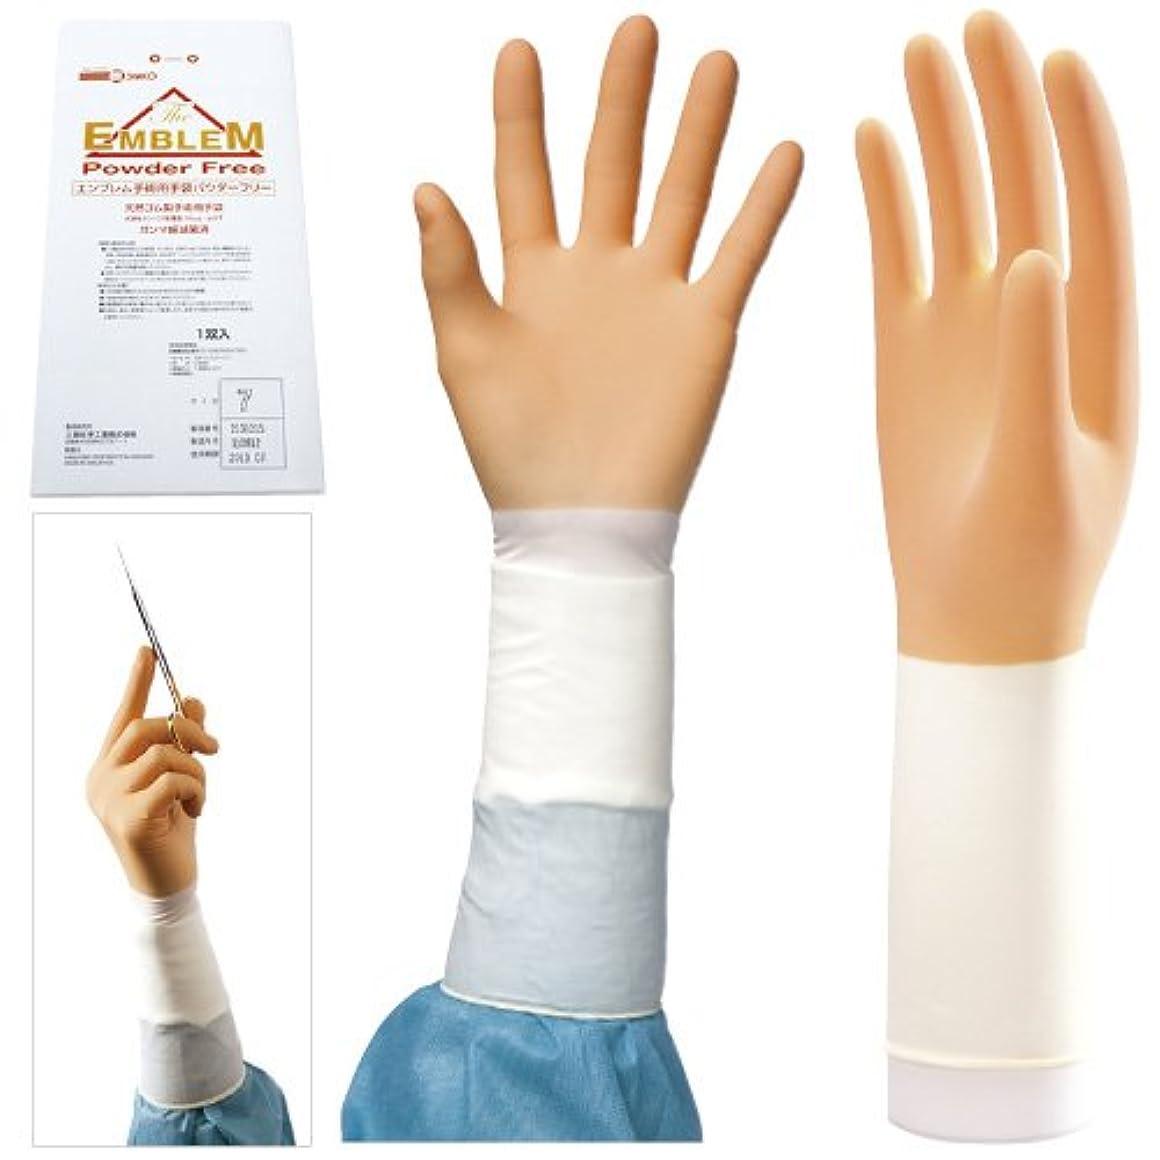 先住民しないでください全能エンブレム手術用手袋 パウダーフリー NEW(20双入) 8